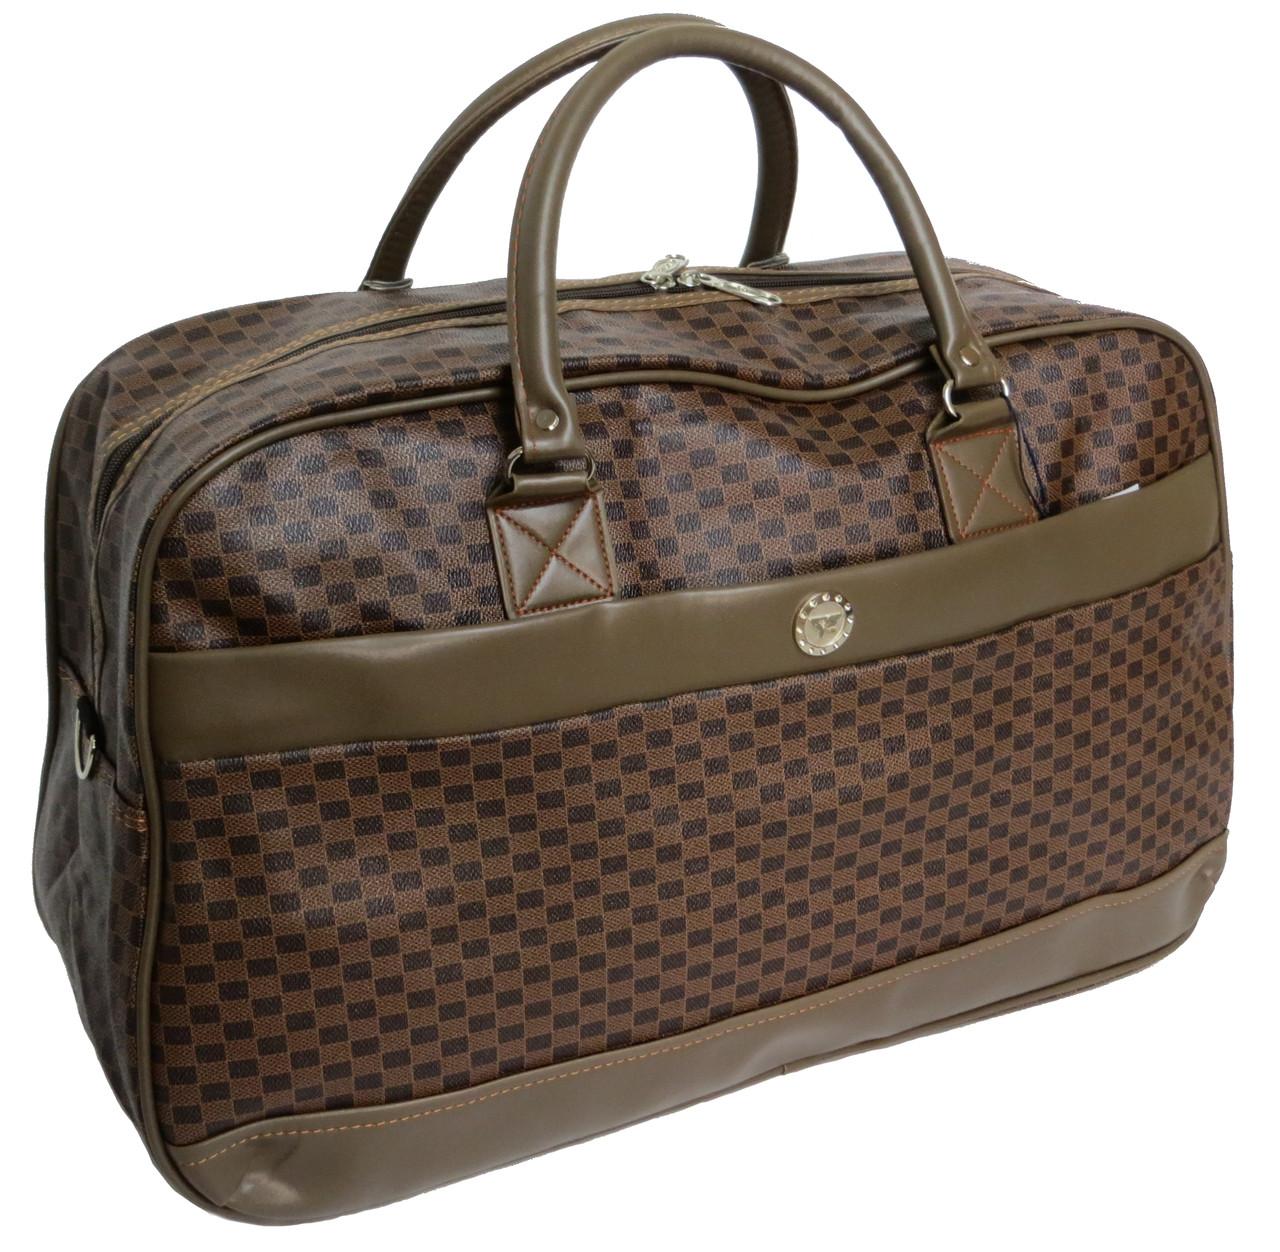 Дорожная сумка саквояж 0122 коричневый, 40 литров